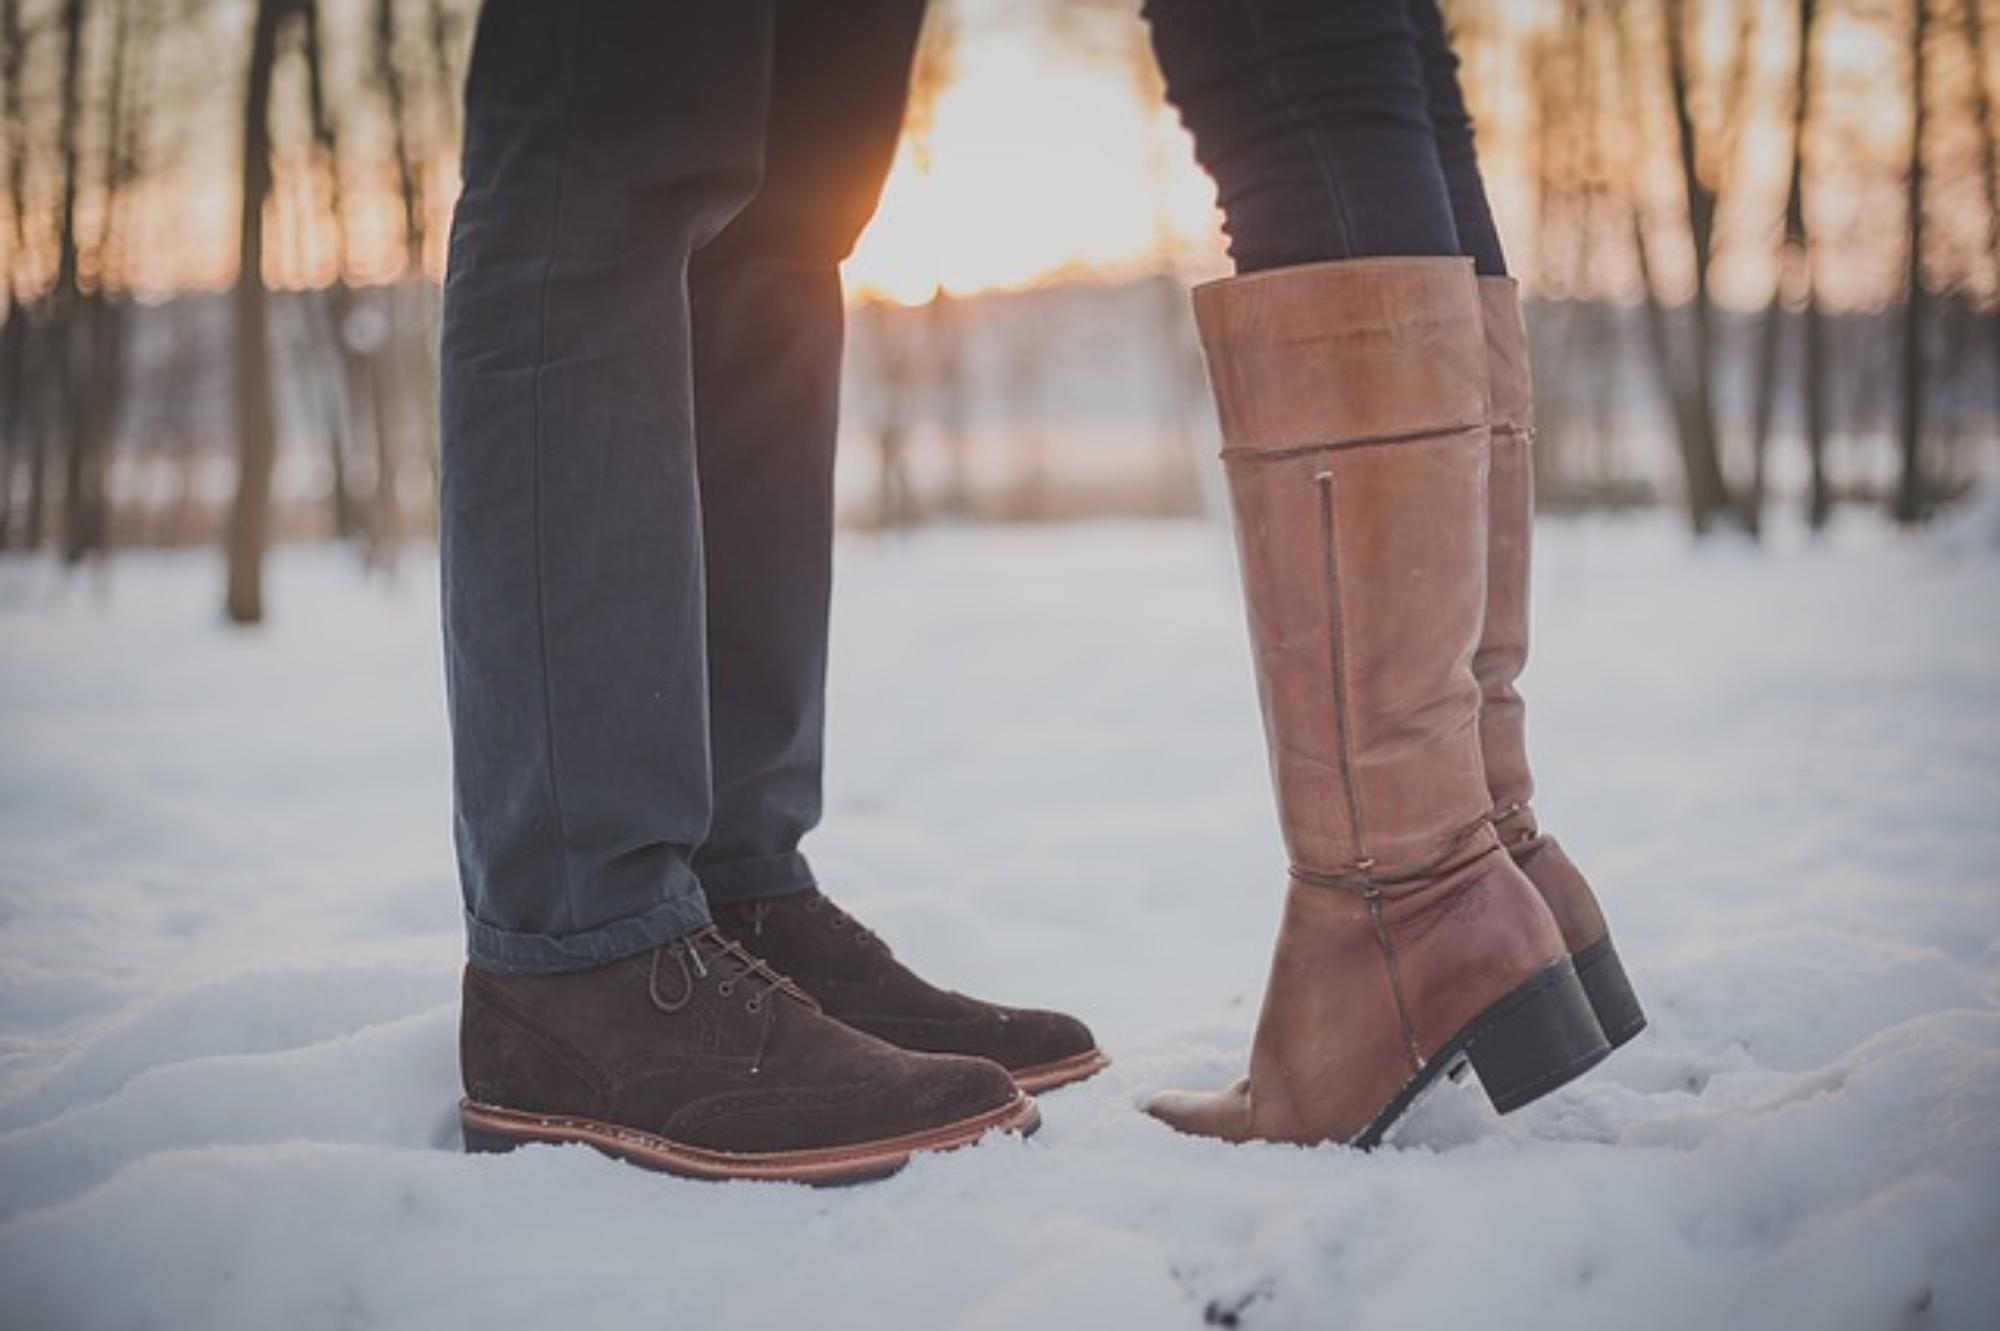 jak szukać tanich butów, Kupujemy buty